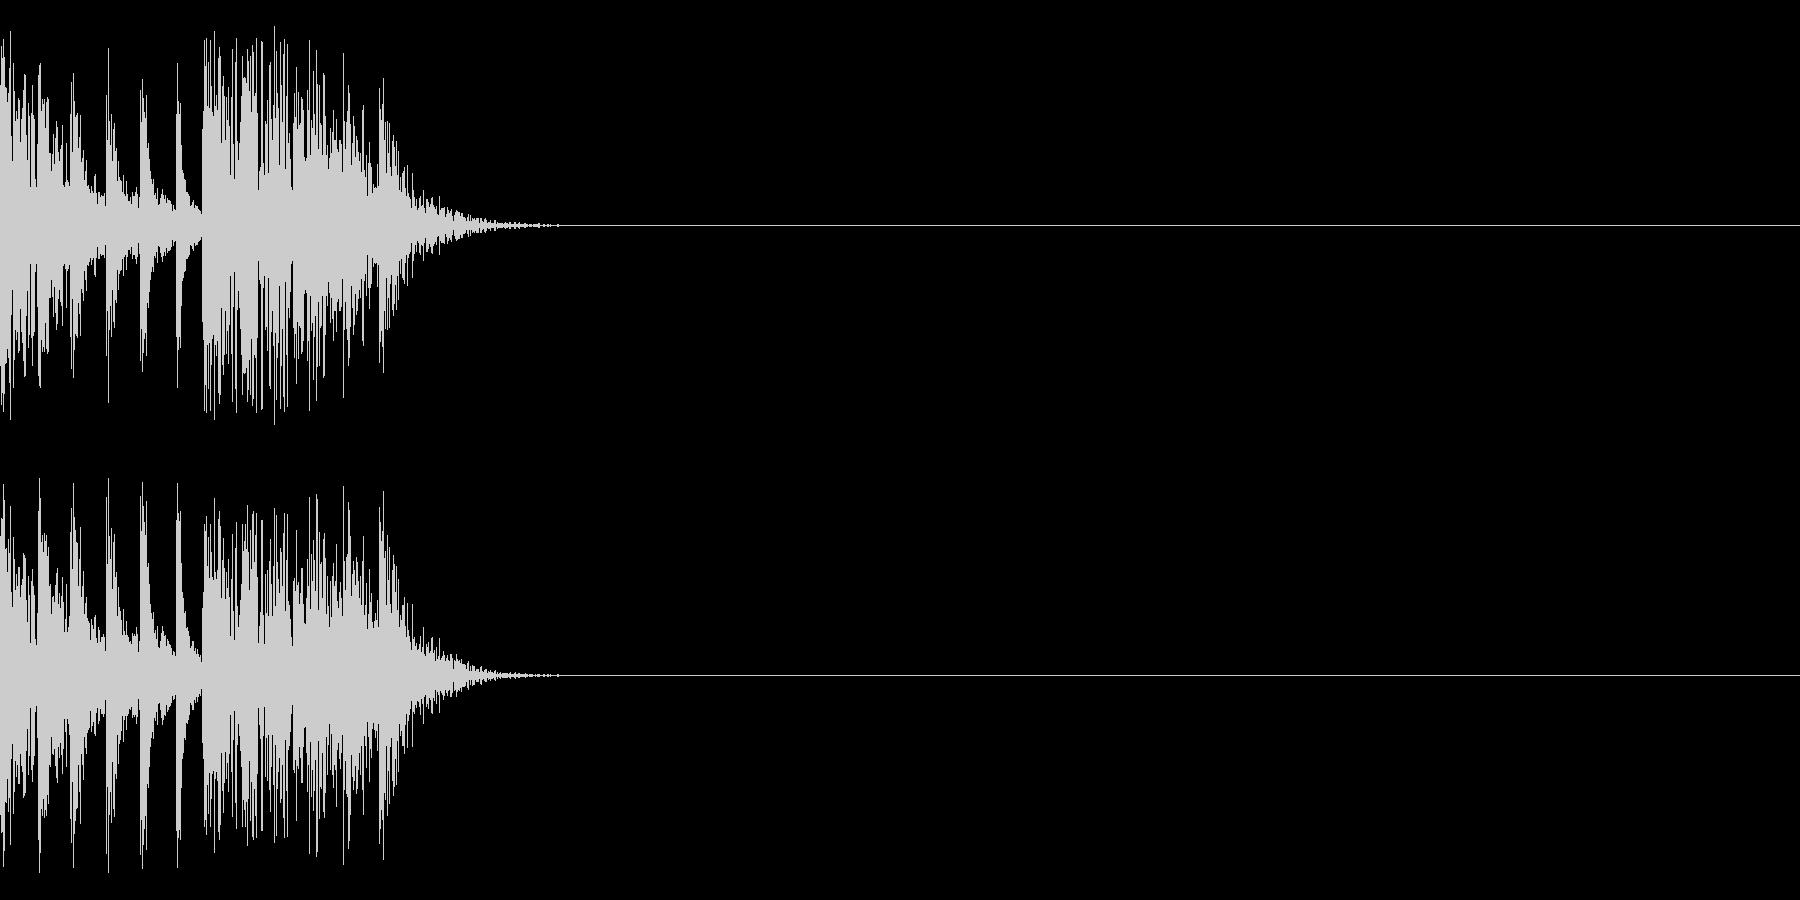 アタック系の音の未再生の波形